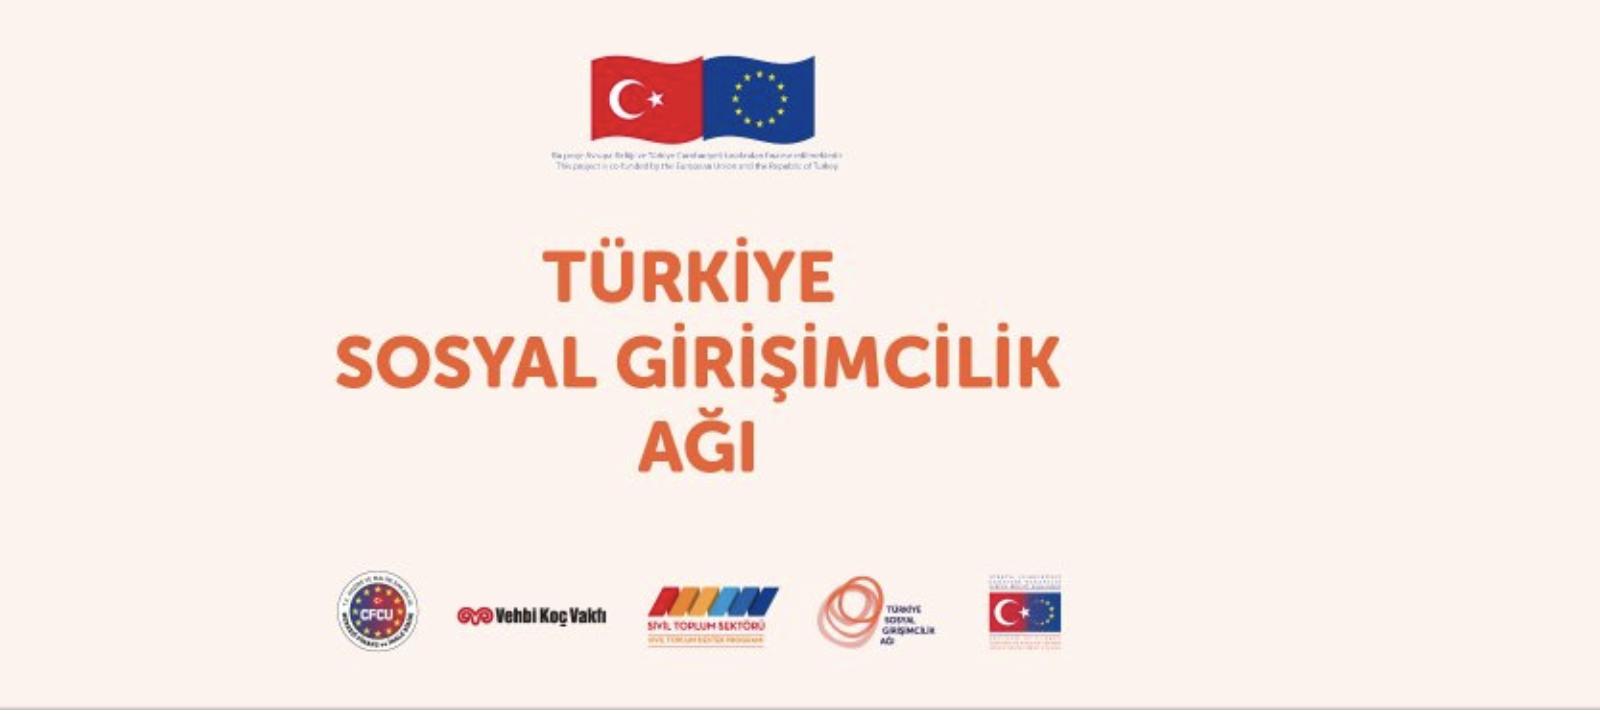 Türkiye Sosyal Girişimcilik Ağı Vehbi Koç Vakfı ve Avrupa Birliği Başkanlığı İş Birliğinde Kuruluyor!